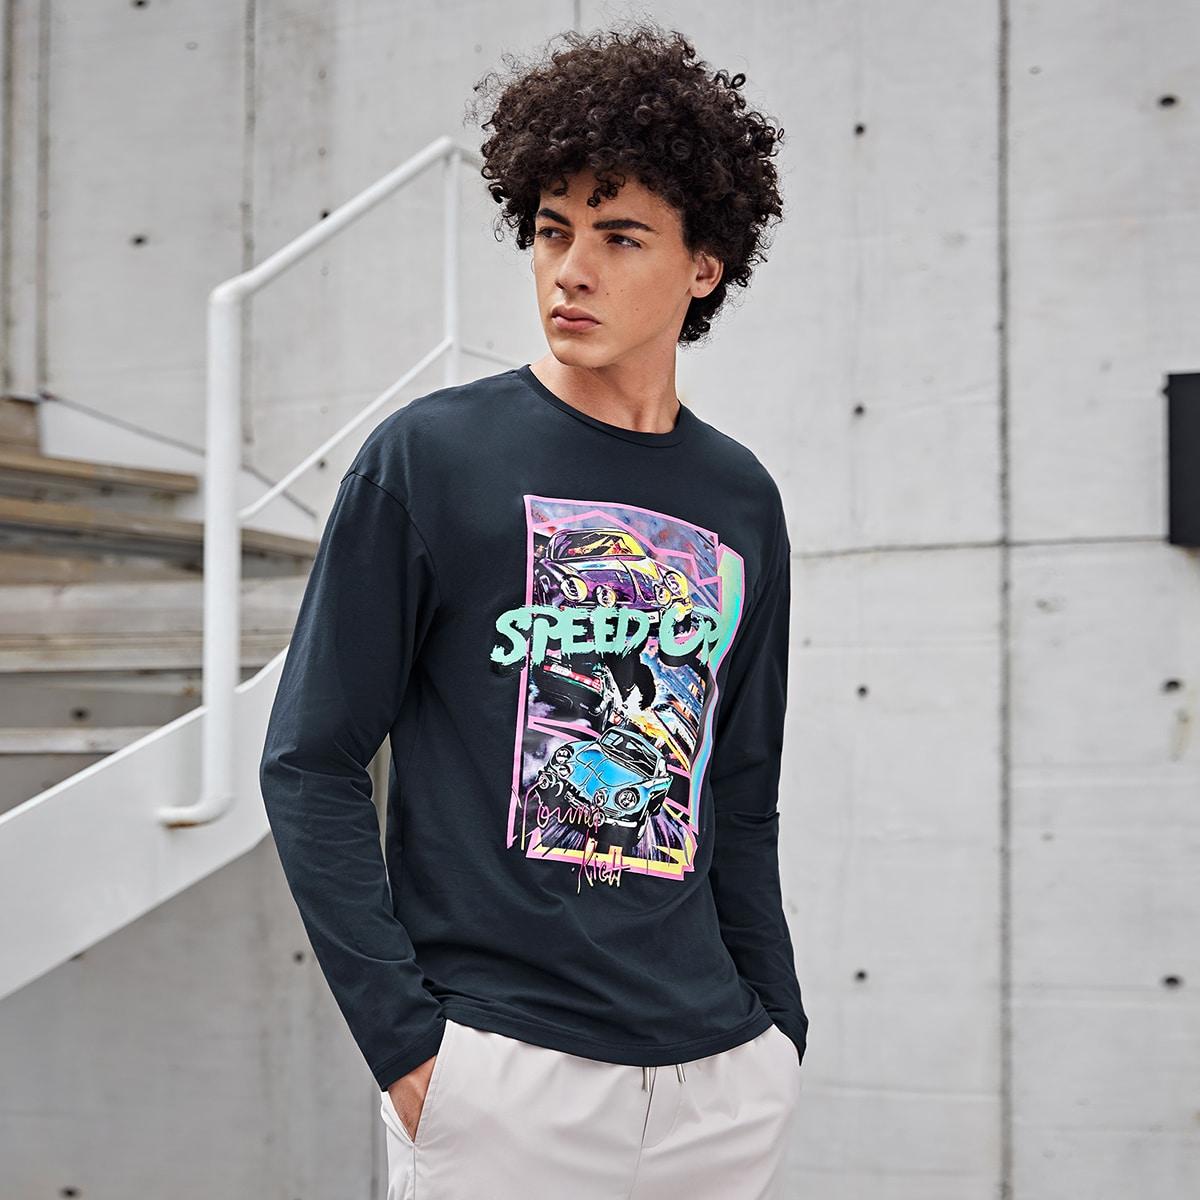 Мужская футболка с открытыми плечами и буквенным принтом